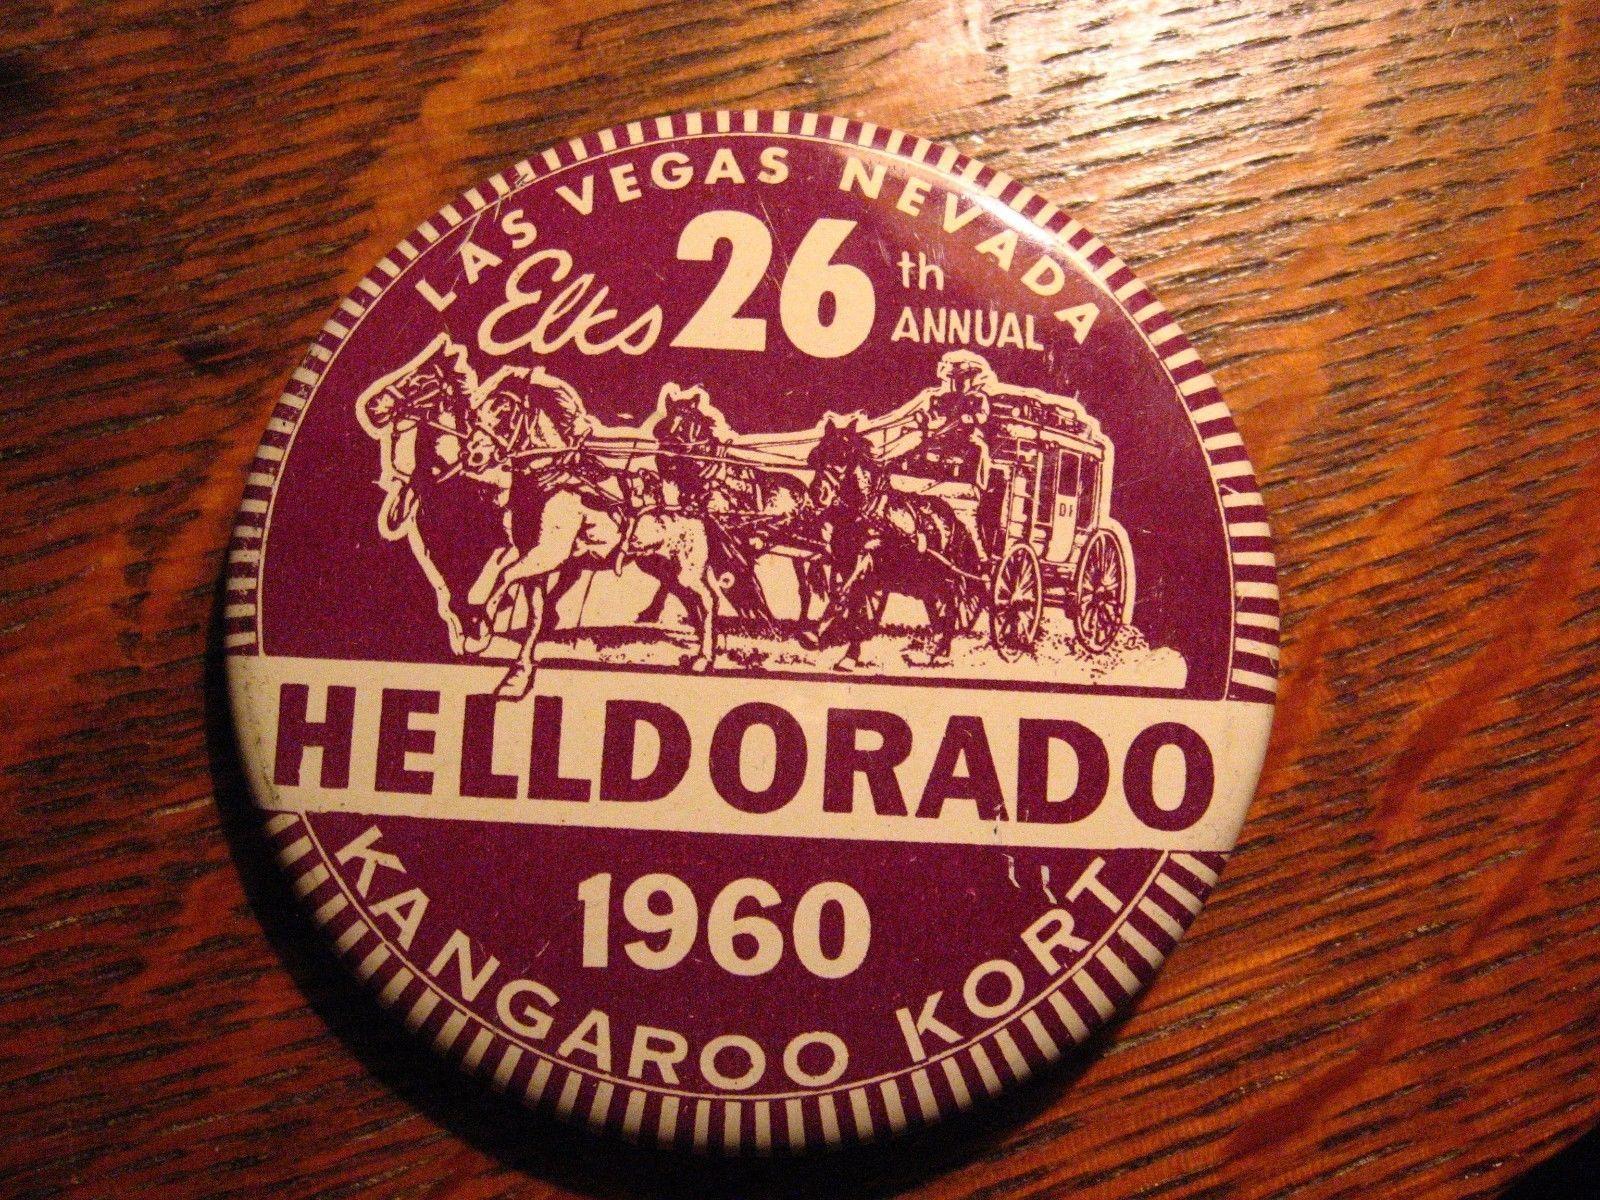 Elks Club Vintage Lapel Pin - 1960 Las Vegas Nevada USA HellDorado Kangaroo Kort image 2